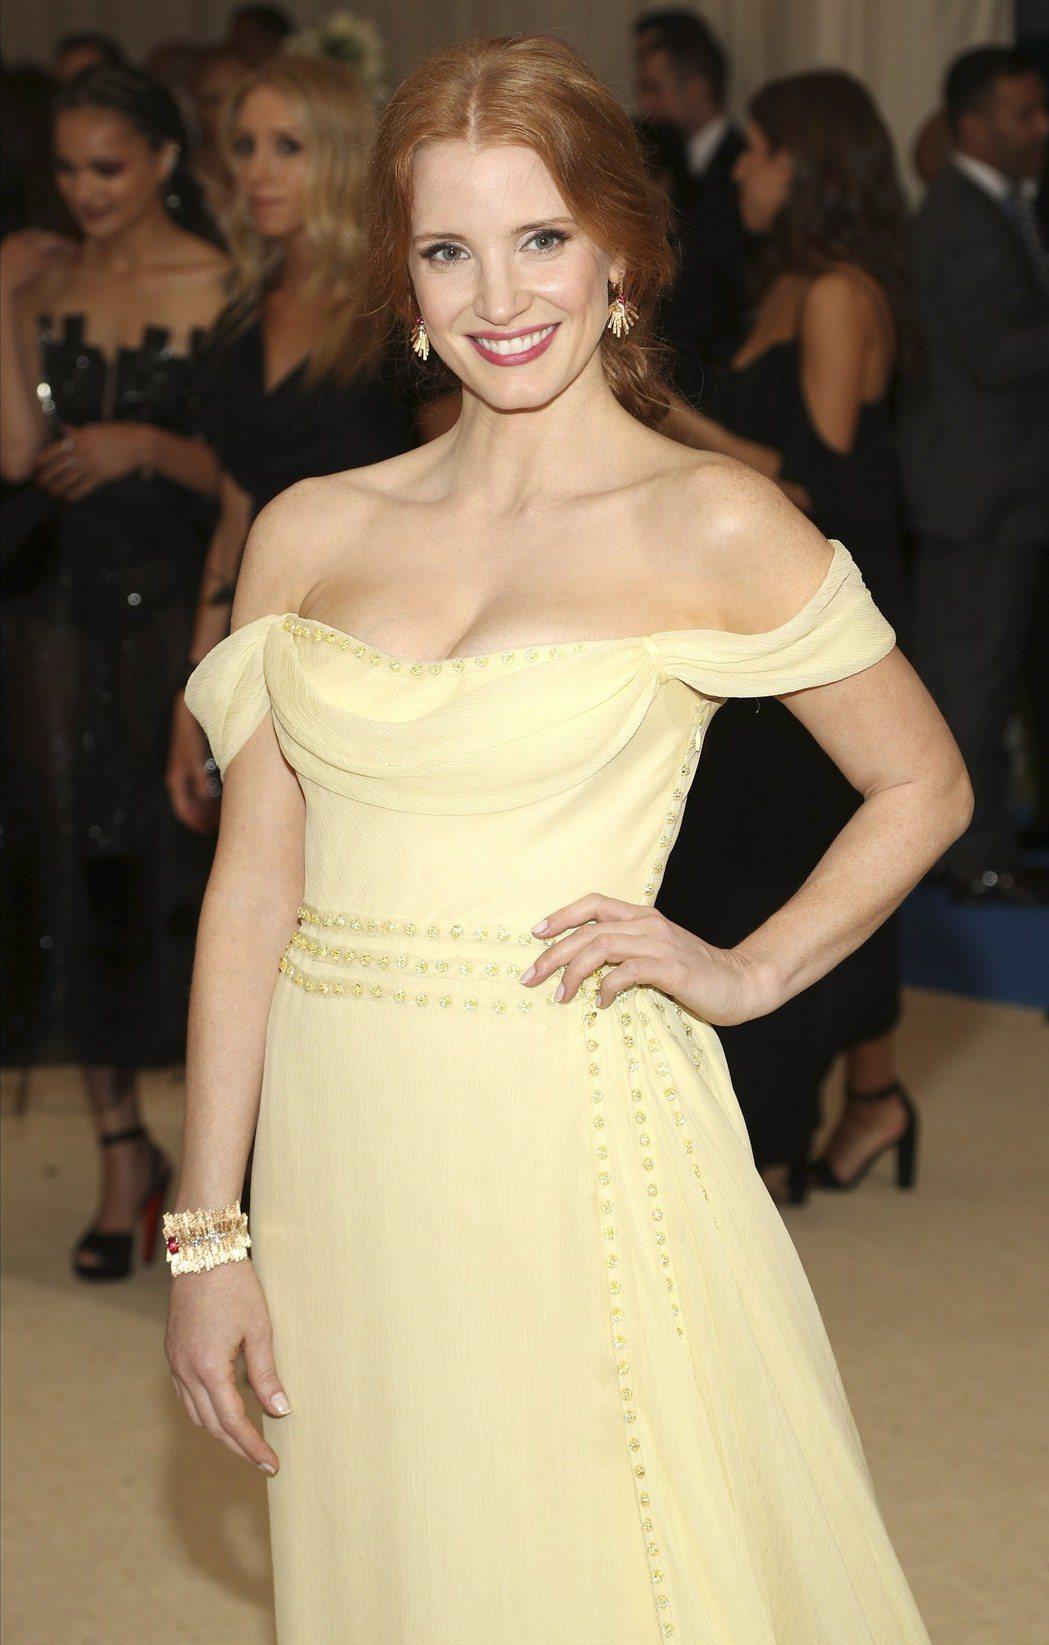 潔西卡雀斯坦黃色禮服搭配黃K金的伯爵珠寶,宛如迪士尼童話裡的貝兒。(歐新社)